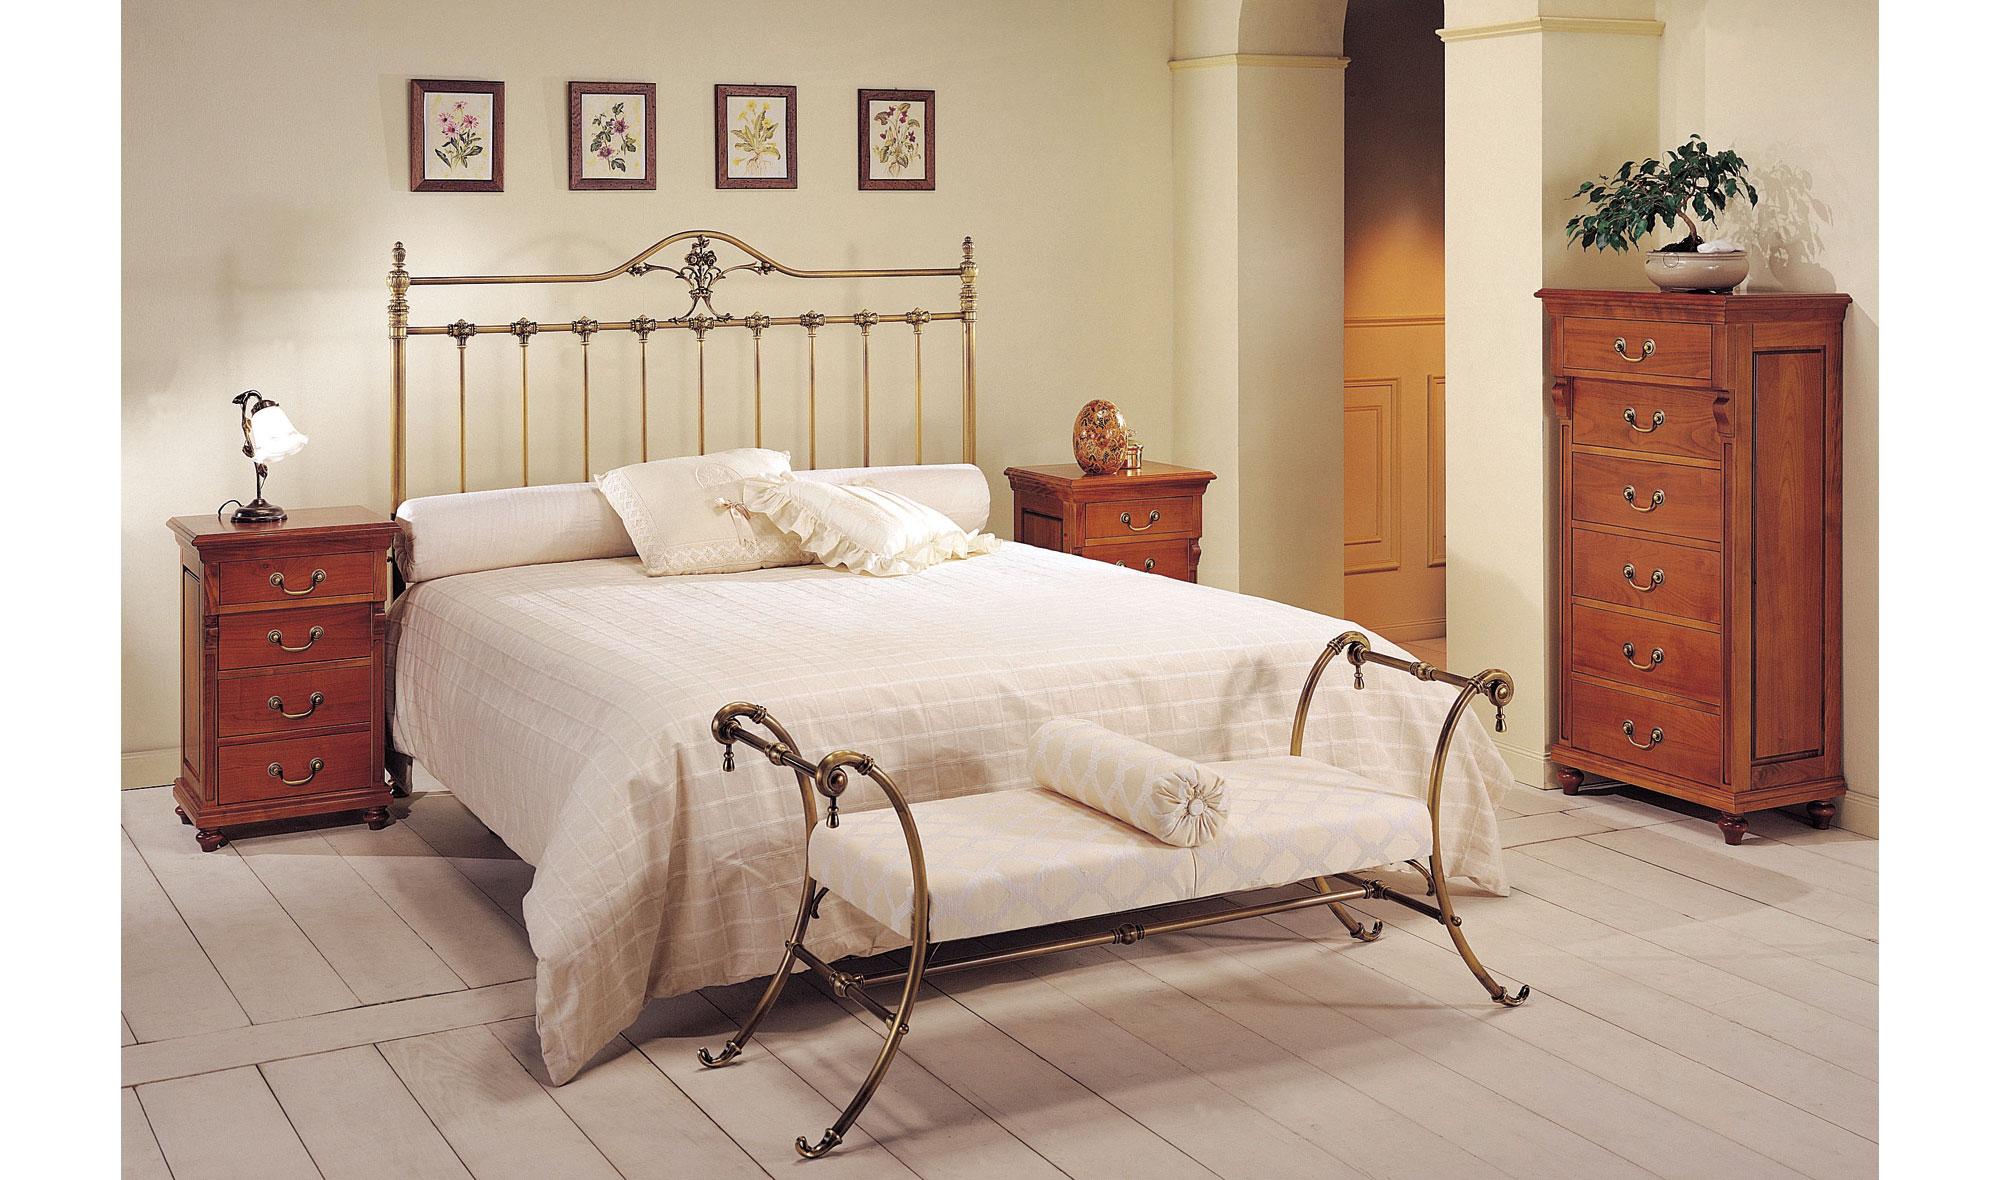 Dormitorio forja viridiana de lujo en for Catalogo de muebles de dormitorio